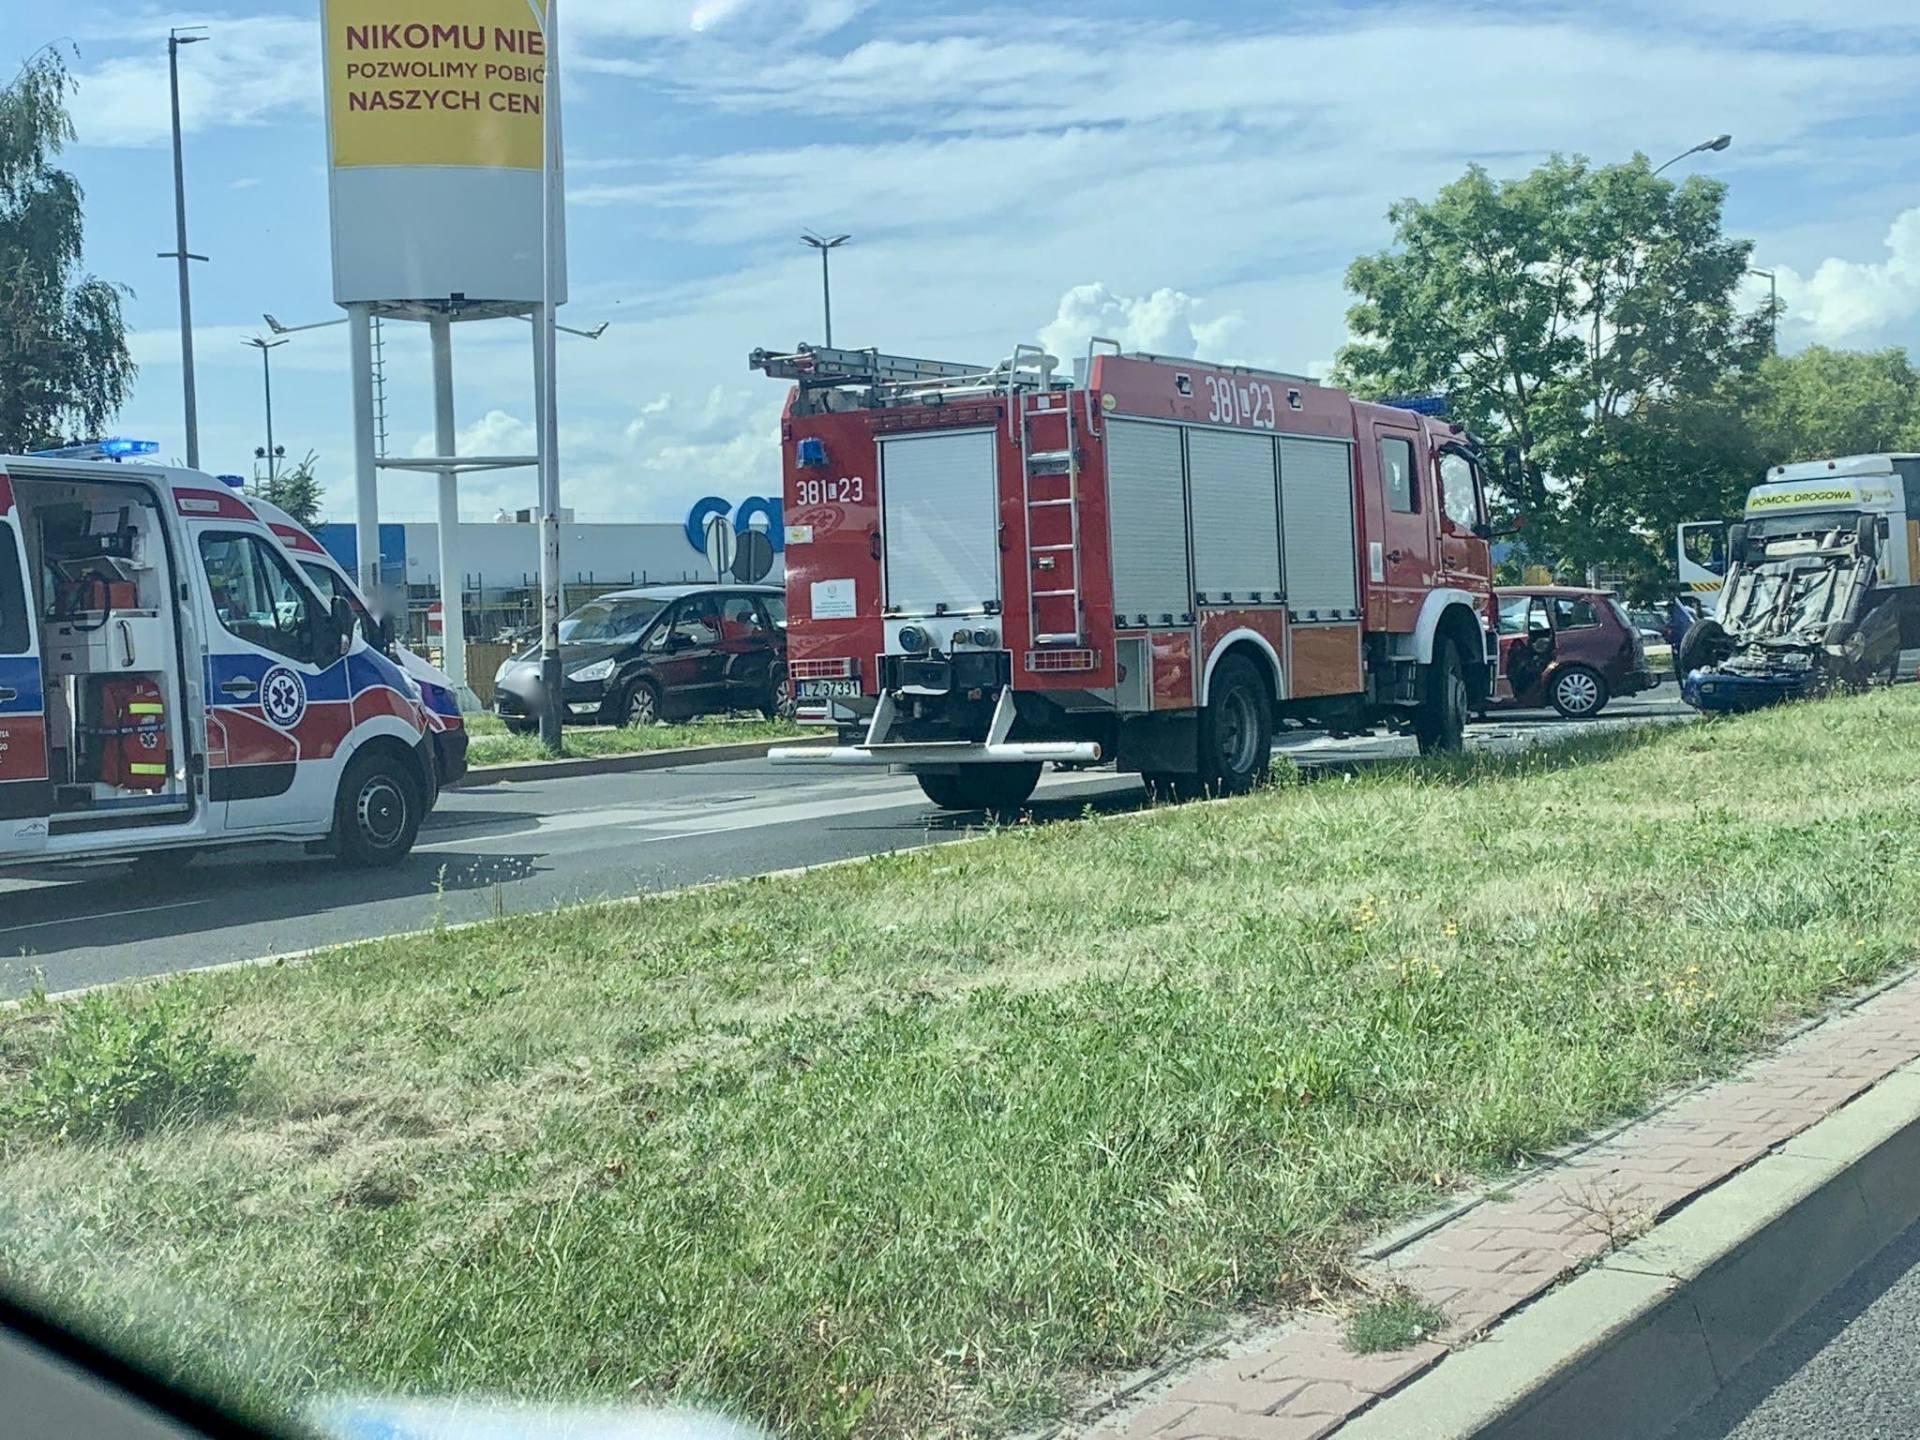 117971038 1185935138439121 8286283840650309763 n UWAGA kierowcy! Poważny wypadek przy Castoramie. Samochód dachował, droga jest zablokowana.